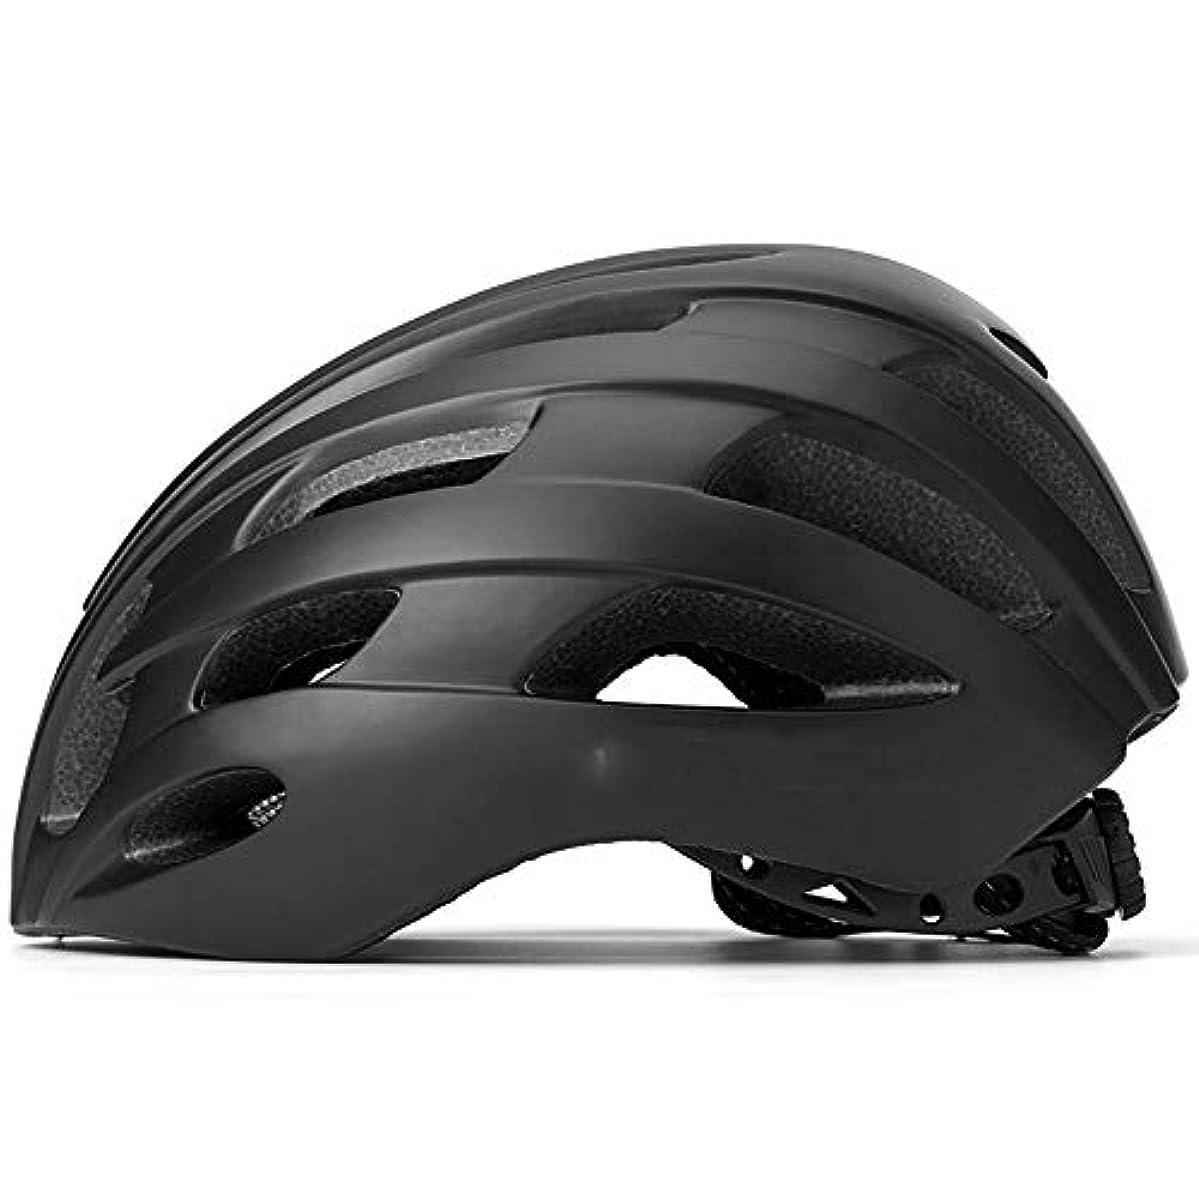 経験者オセアニアに付けるTOMSSL高品質 反射サイクリングヘルメットナイトライディング警告自転車安全ヘルメット統合モールディングマウンテンロード男性と女性 (色 : Black)